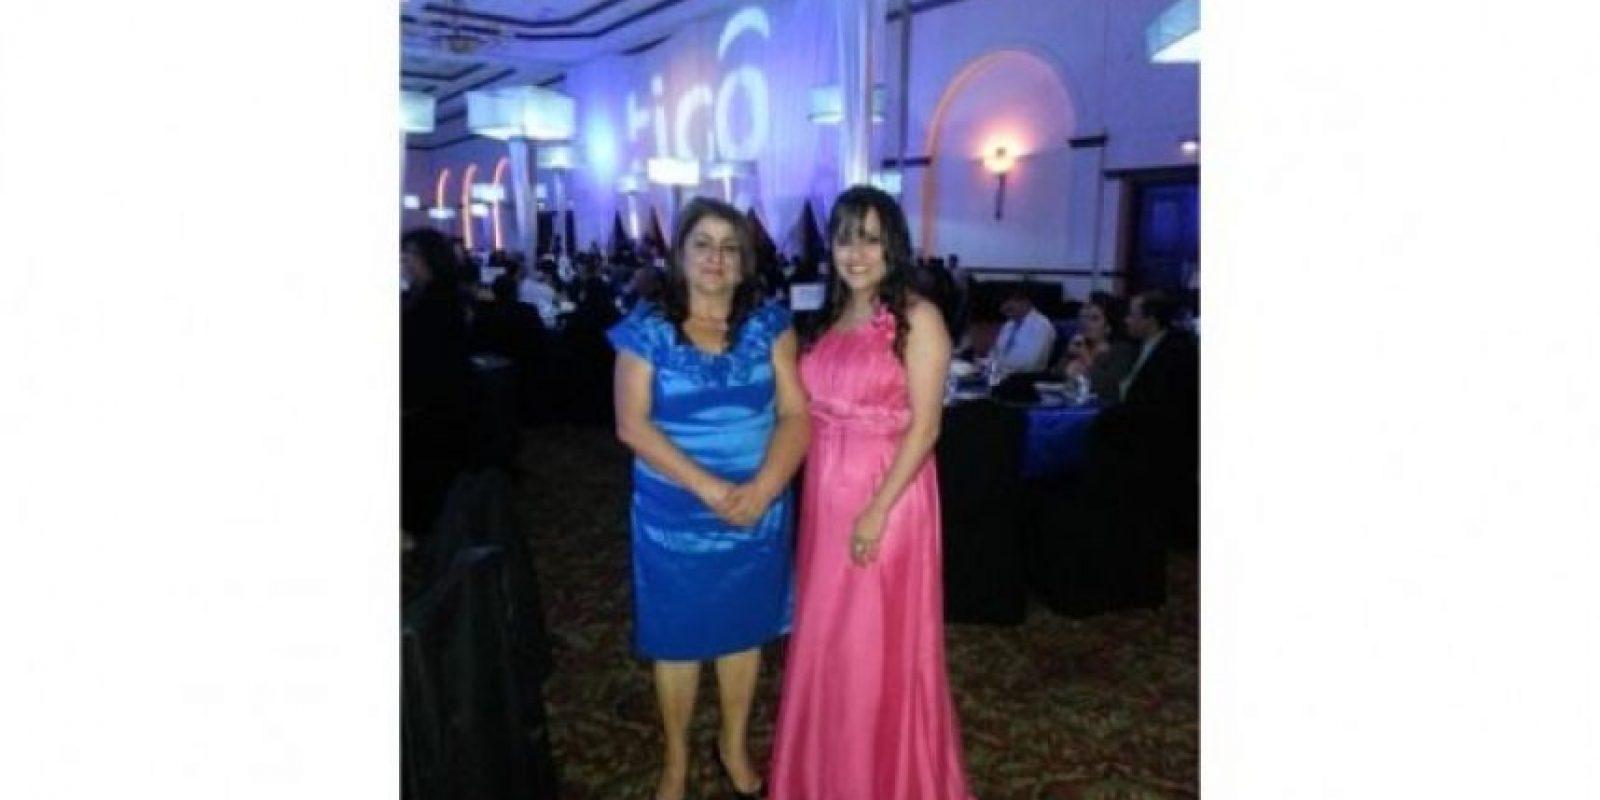 Hola, les mando la foto con mi mami ya que mañana es su cumple y ps el día de la madre. Ella se llama Dalila Salguero y yo soy Rocio Hernández Salguero